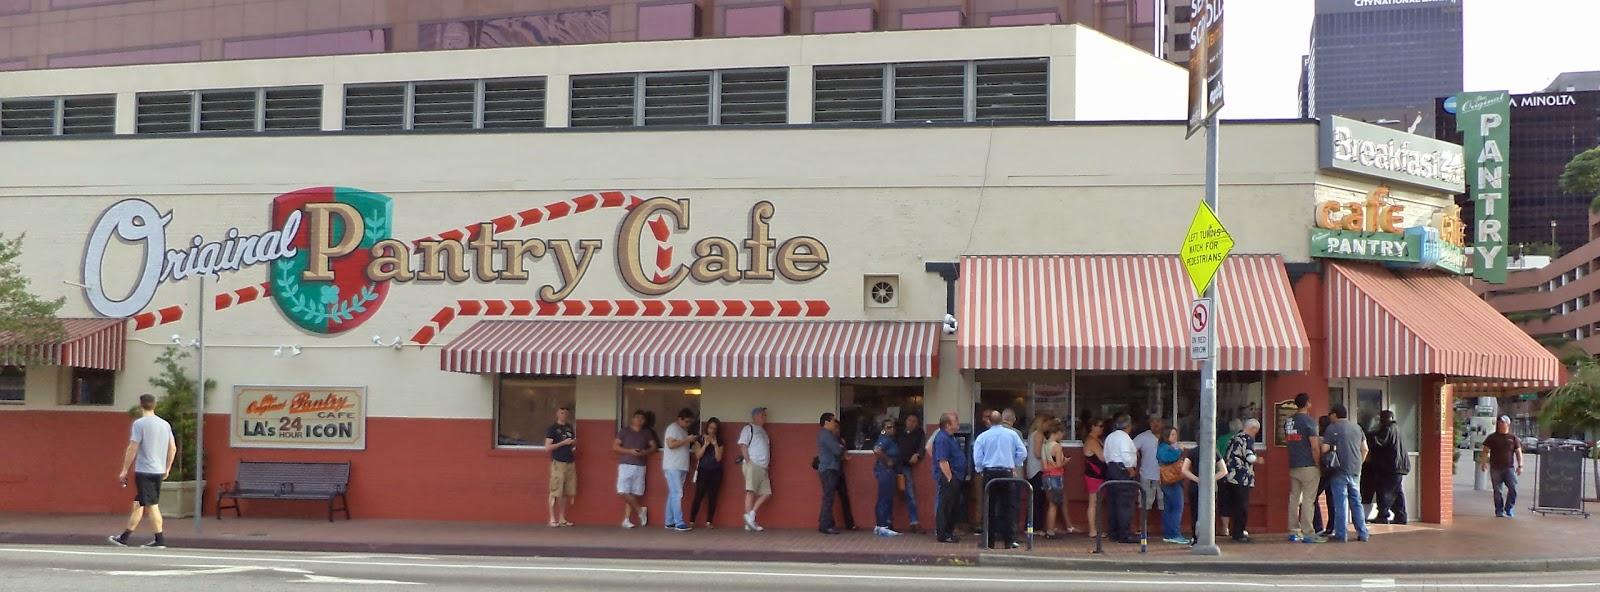 Culver City P O The Original Pantry Cafe